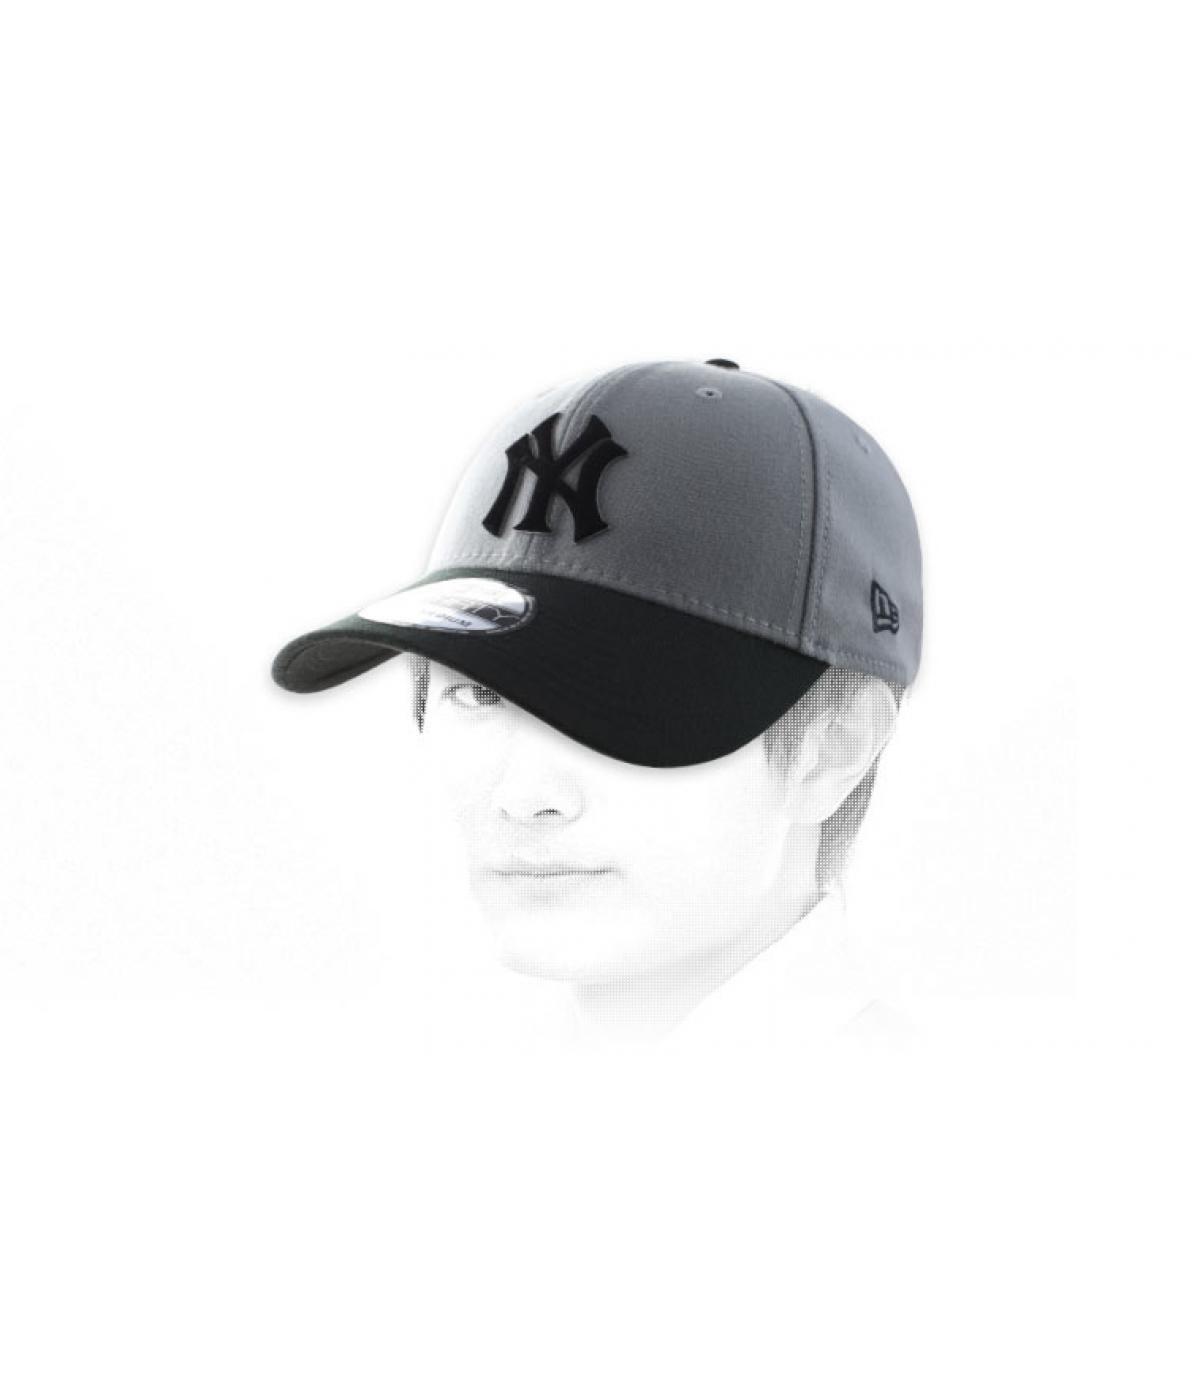 NY tappo grigio nero